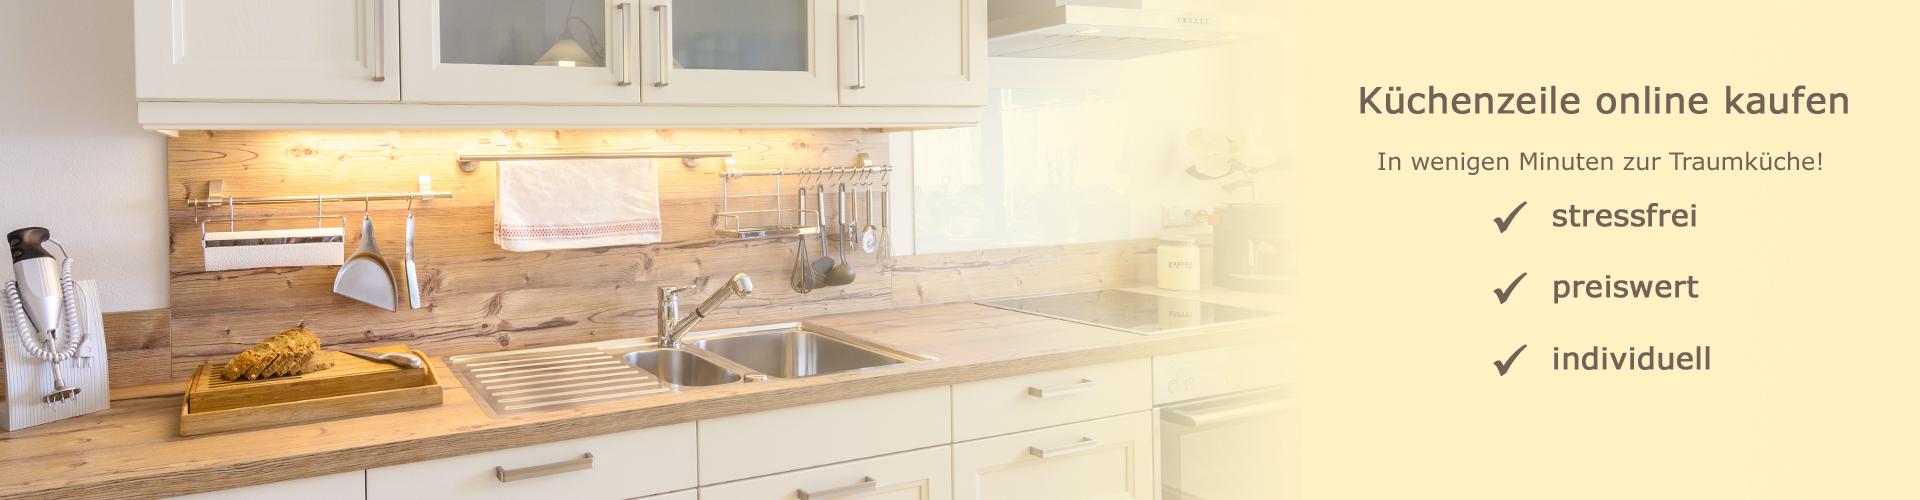 baylango - Deine Küche